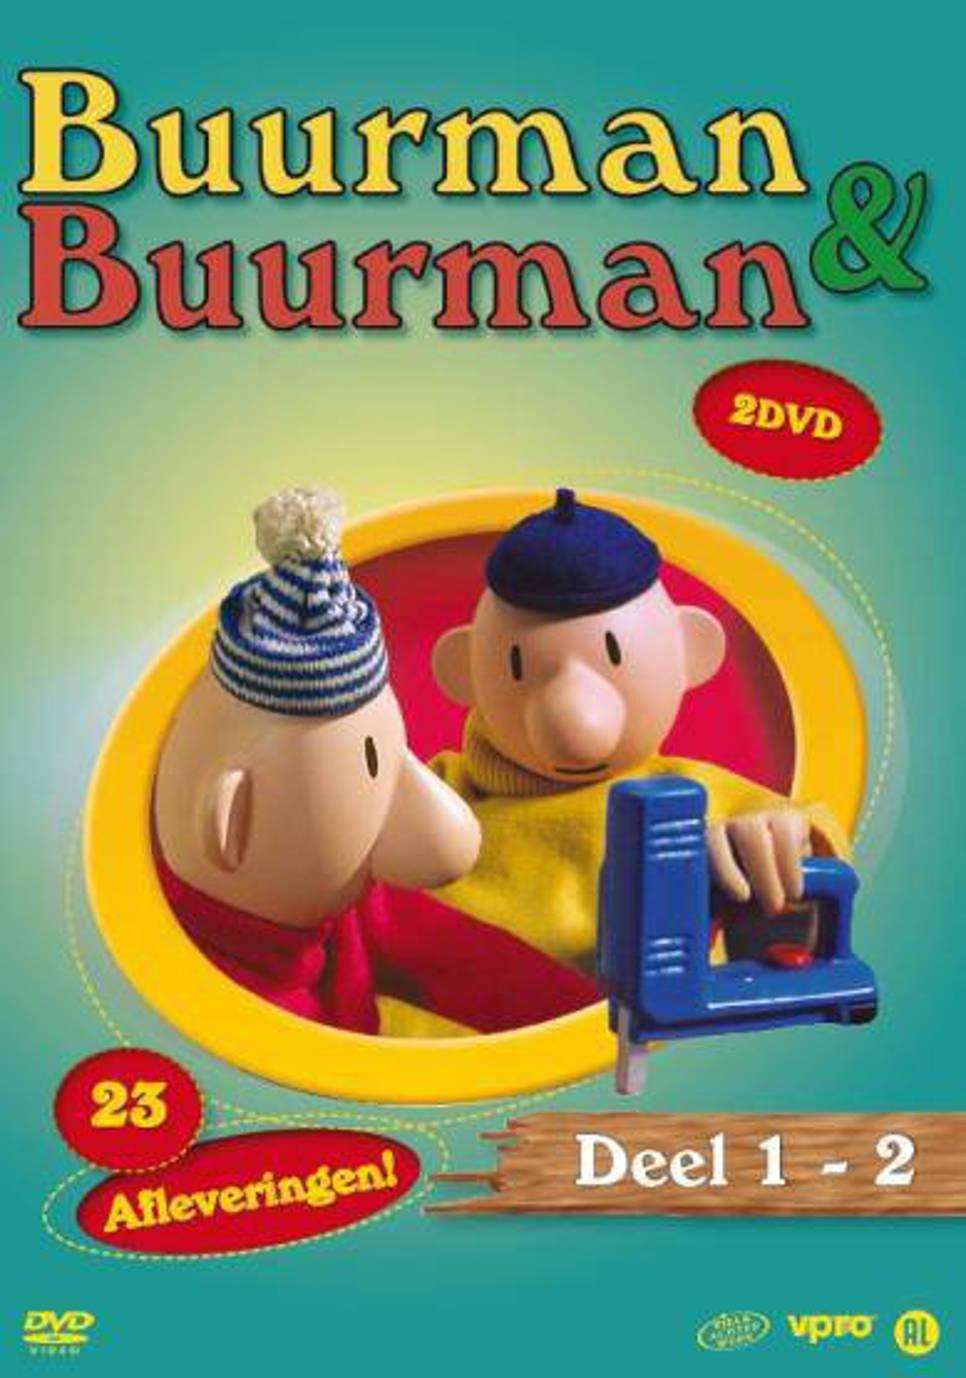 Buurman & Buurman 1 & 2 (DVD) | wehkamp